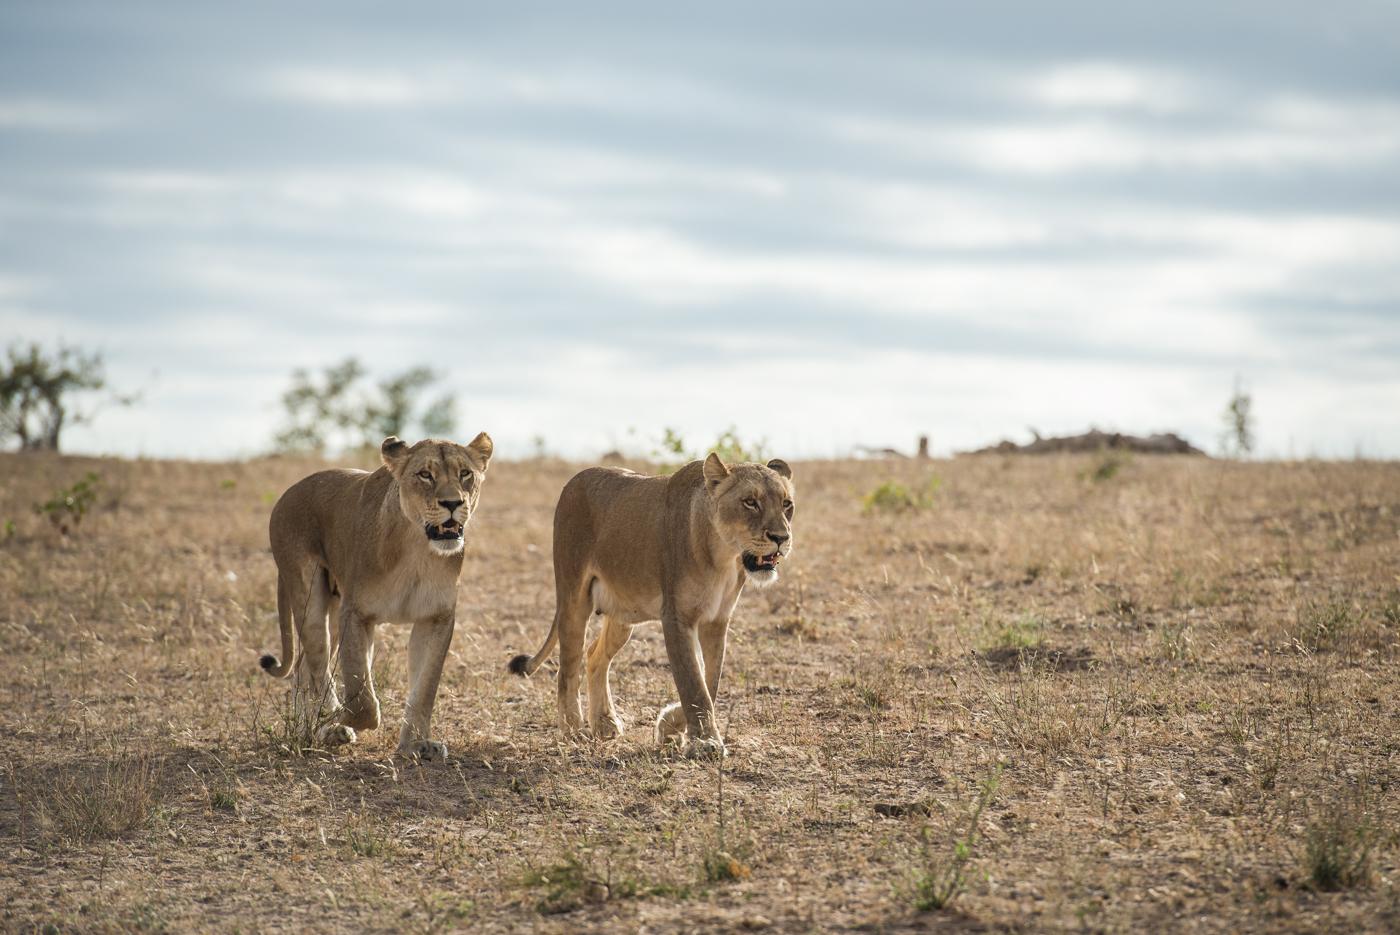 mhangeni lioness, SC